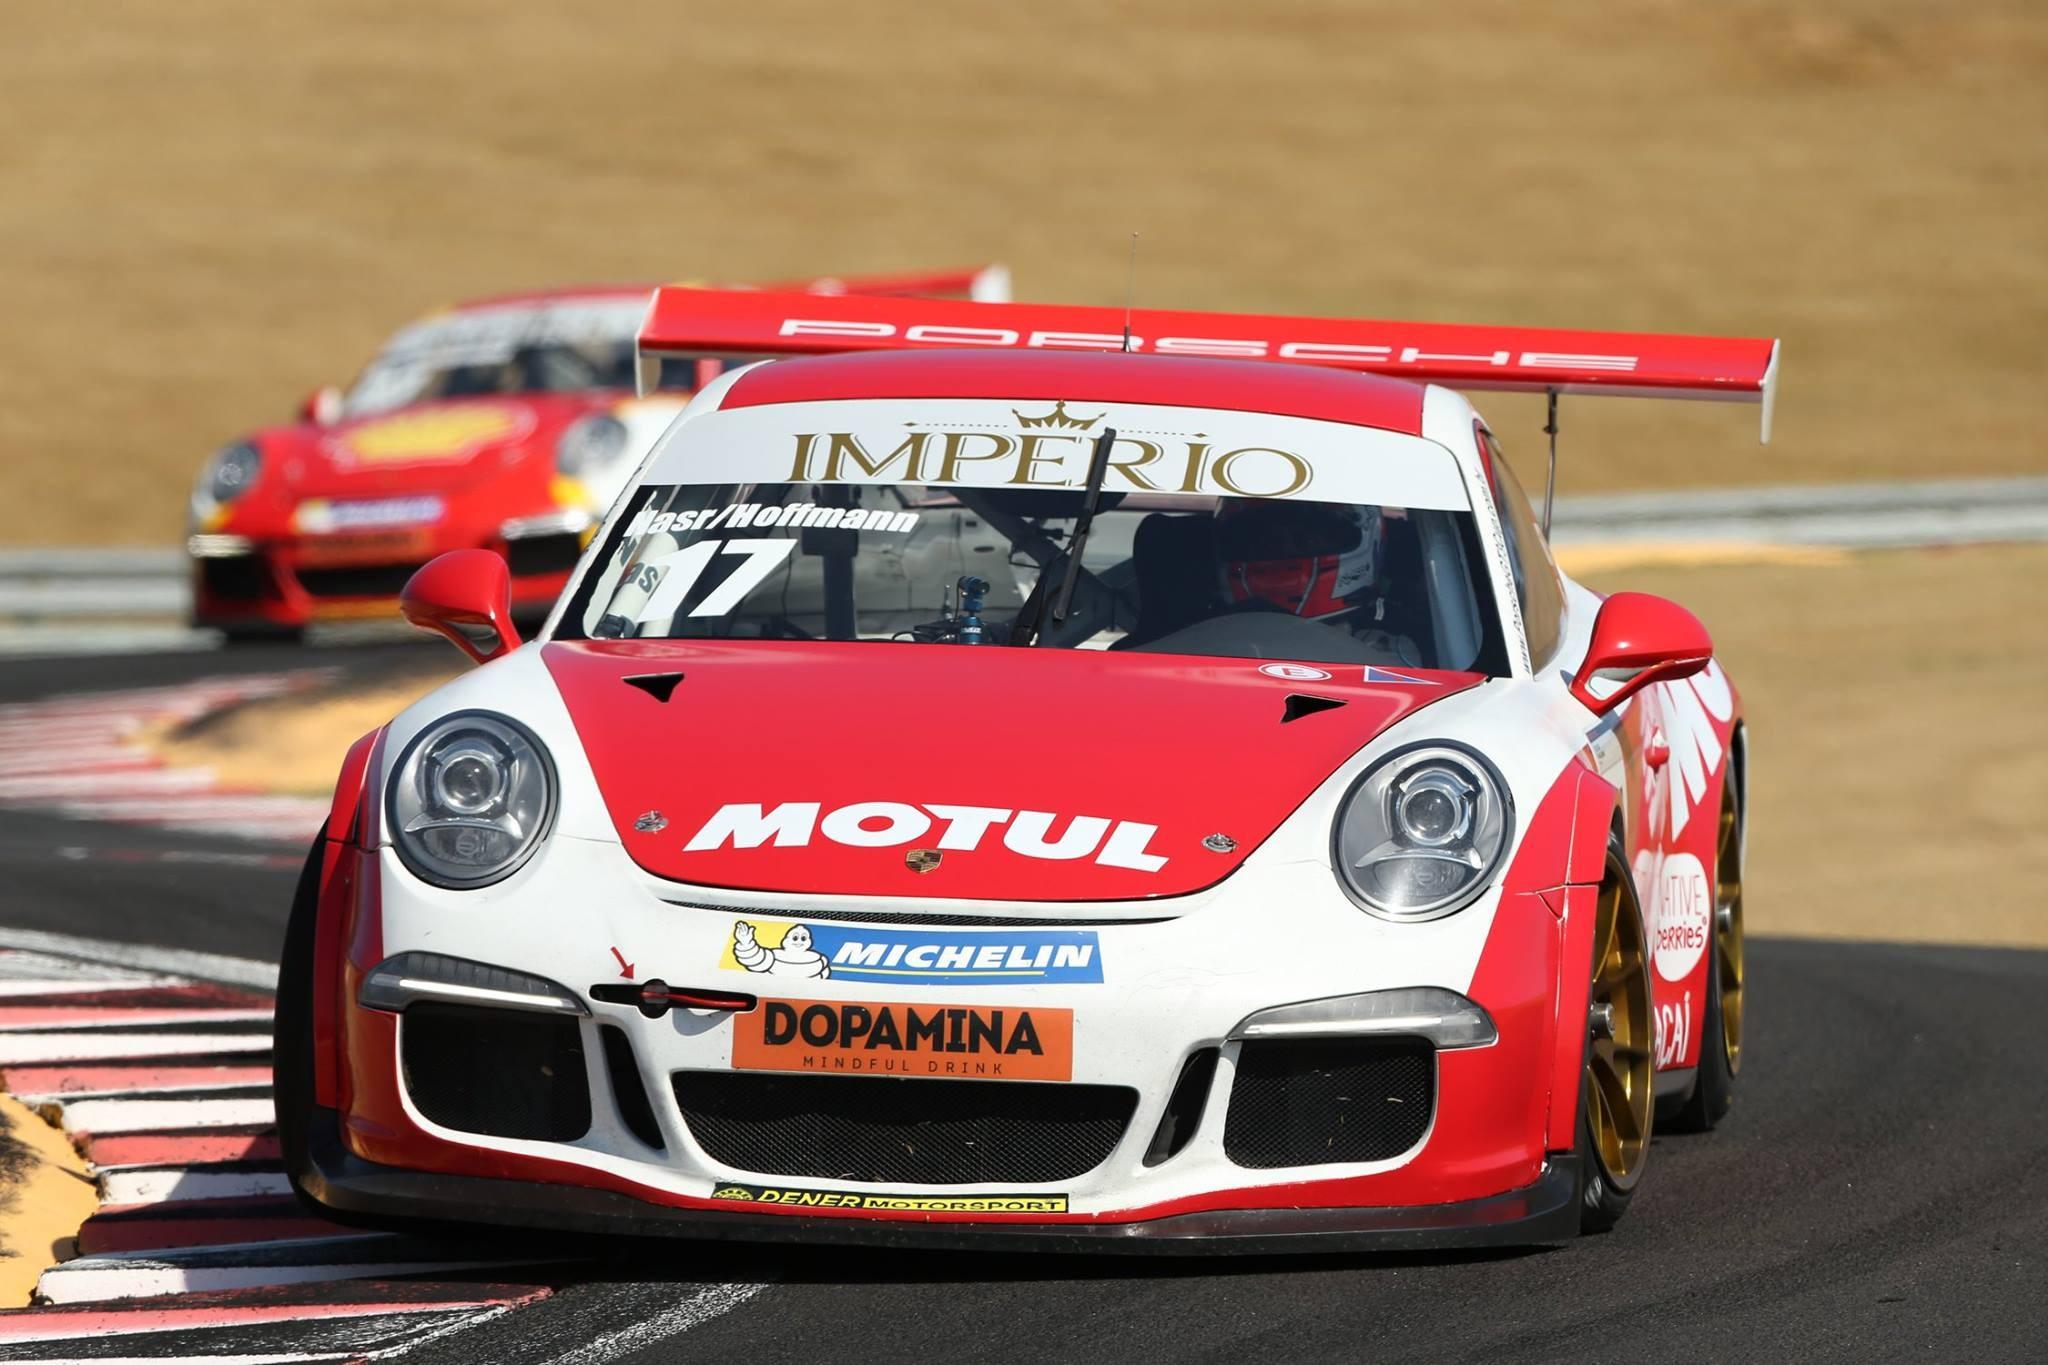 Felipe Nasr assumiu a ponta na volta 59 com boa margem do segundo colocado (Foto: Porsche Império GT3 Cup/Luca Bassani)